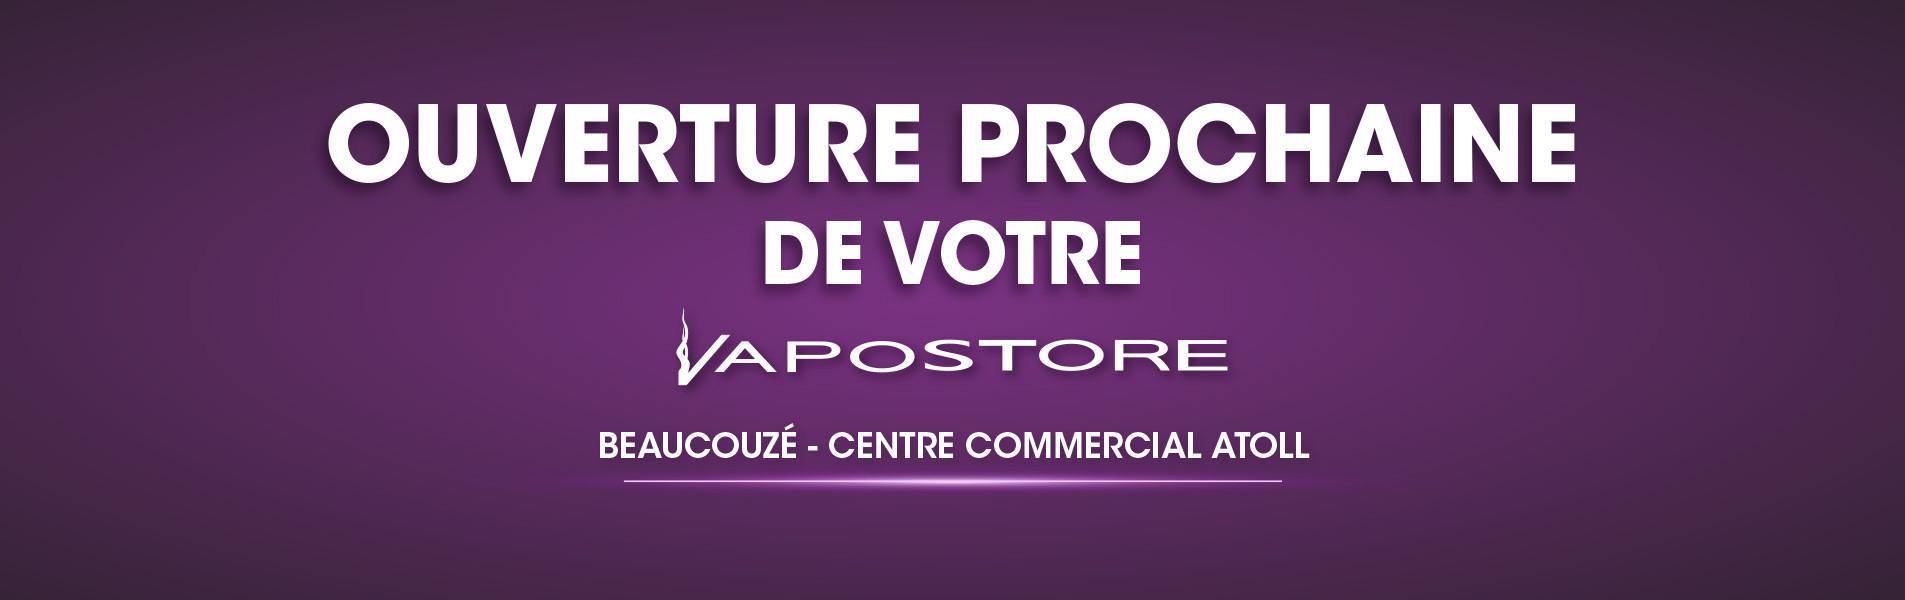 Ouverture boutique Vapostore Beaucouzé